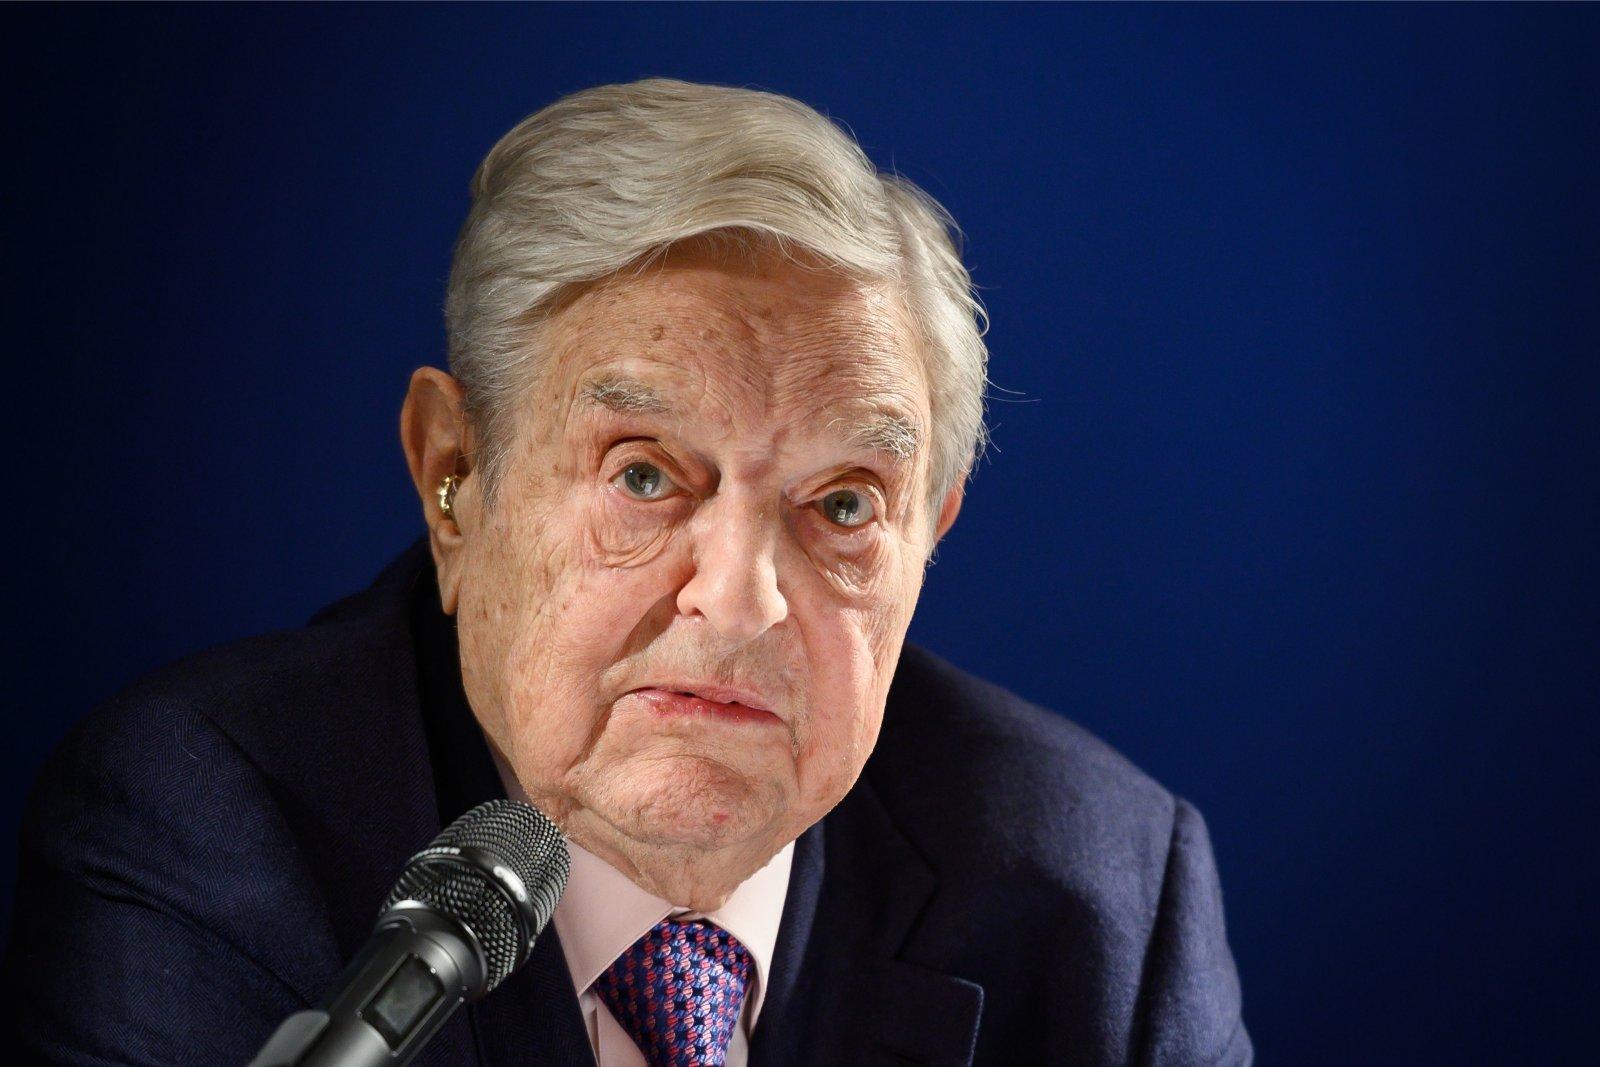 KUULA SAADET | Miks on Soros ideaalne vaenlane ehk kuidas vandenõuteooriaid poliitilise relvana kasutada?